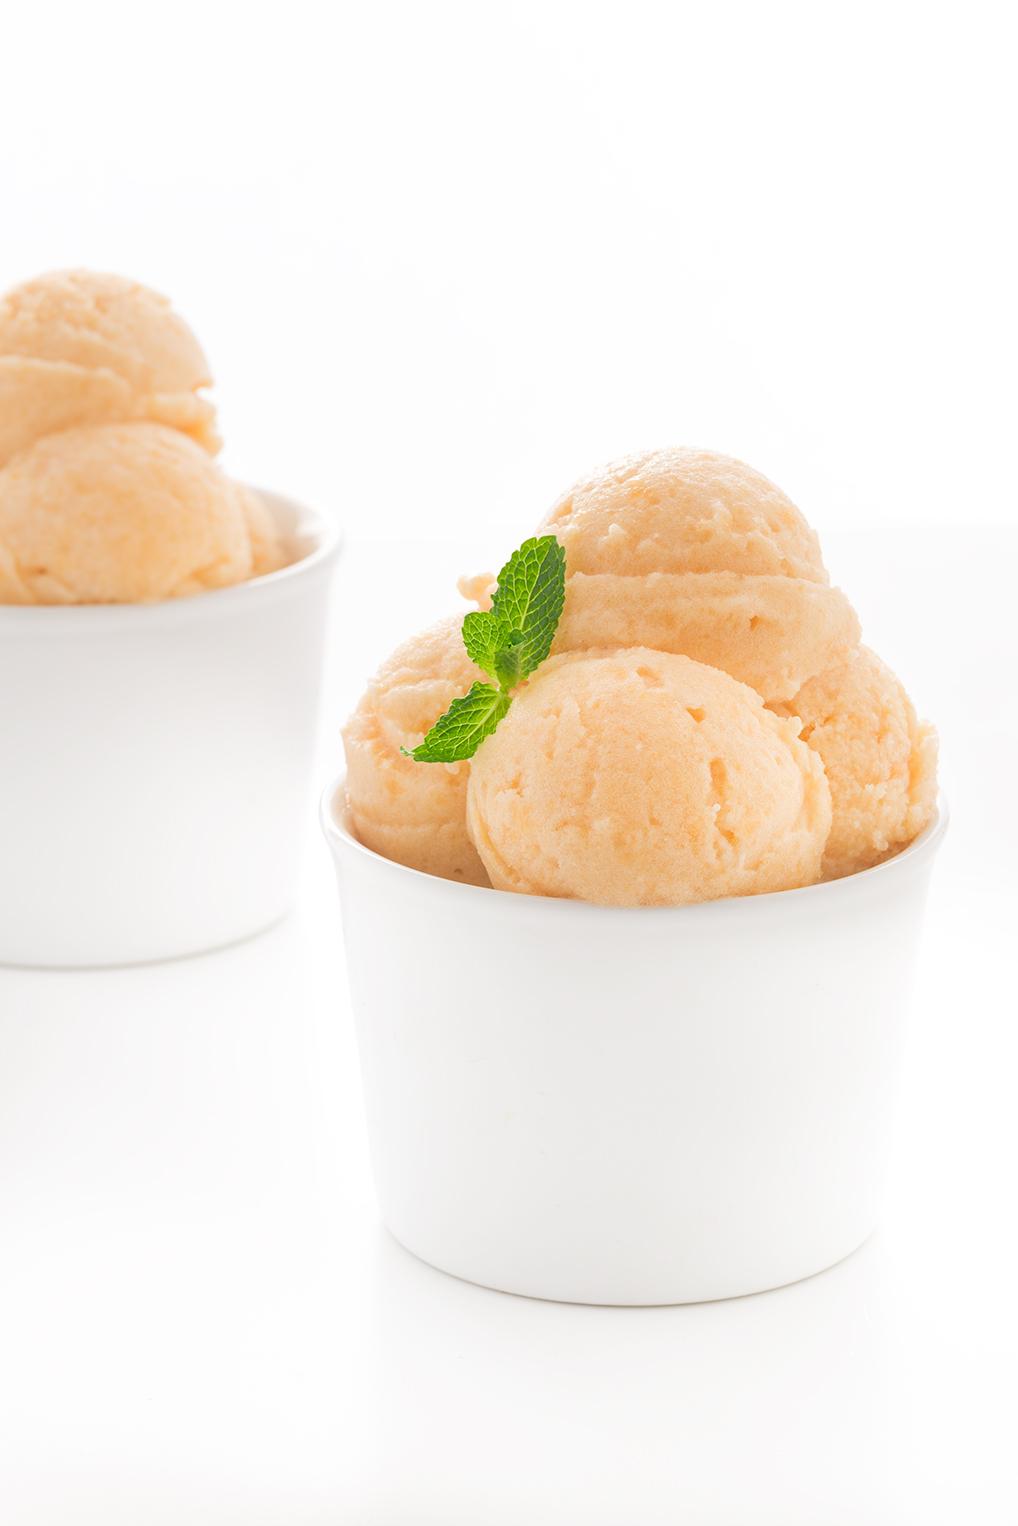 sorbetto al melone senza zucchero - vegan melon sorbet sugarfree recipe